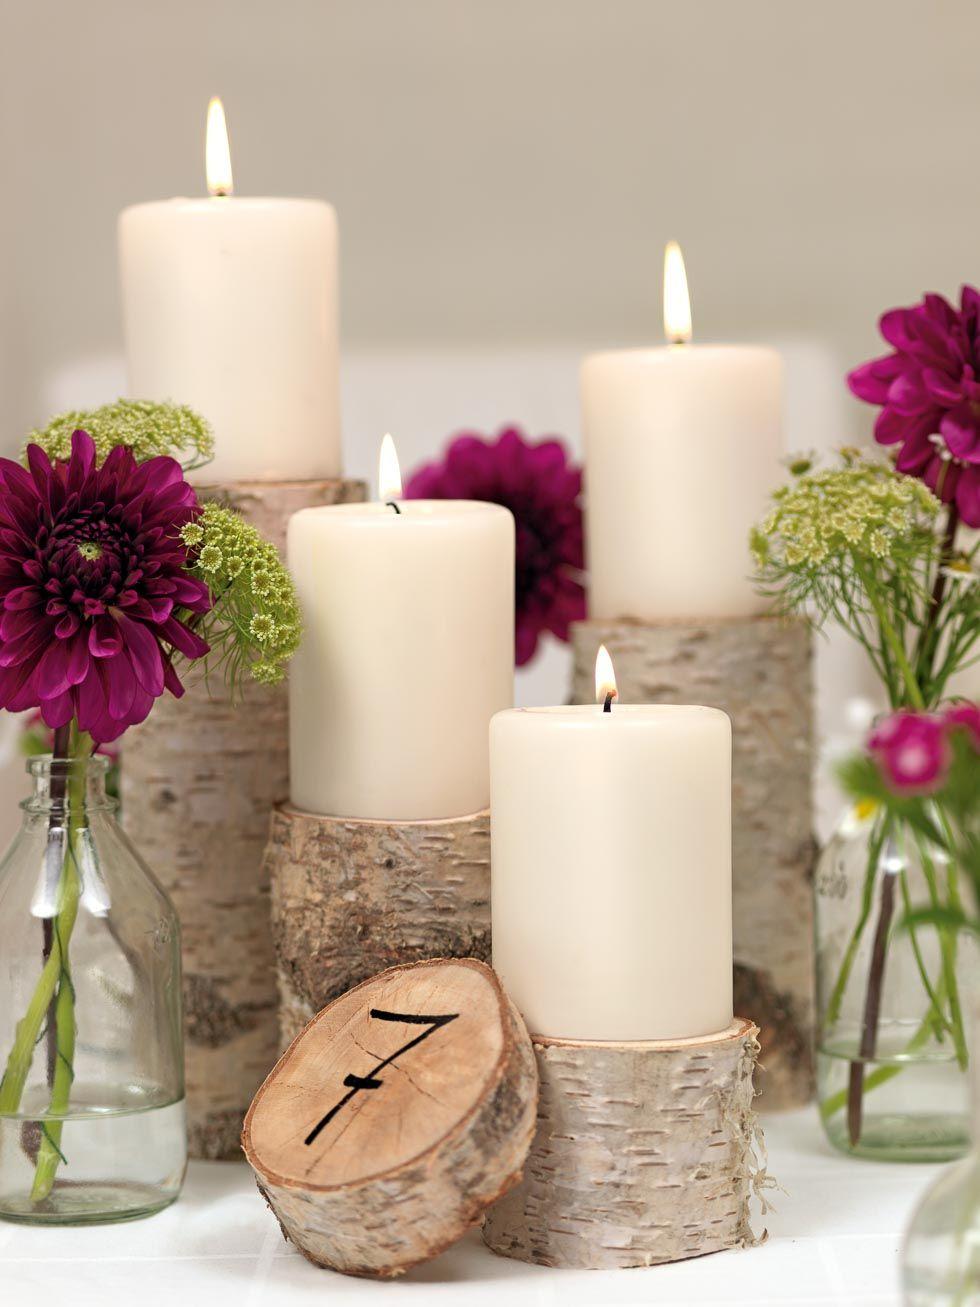 ideen und tischdekoration f r eine entspannte landhochzeit. Black Bedroom Furniture Sets. Home Design Ideas